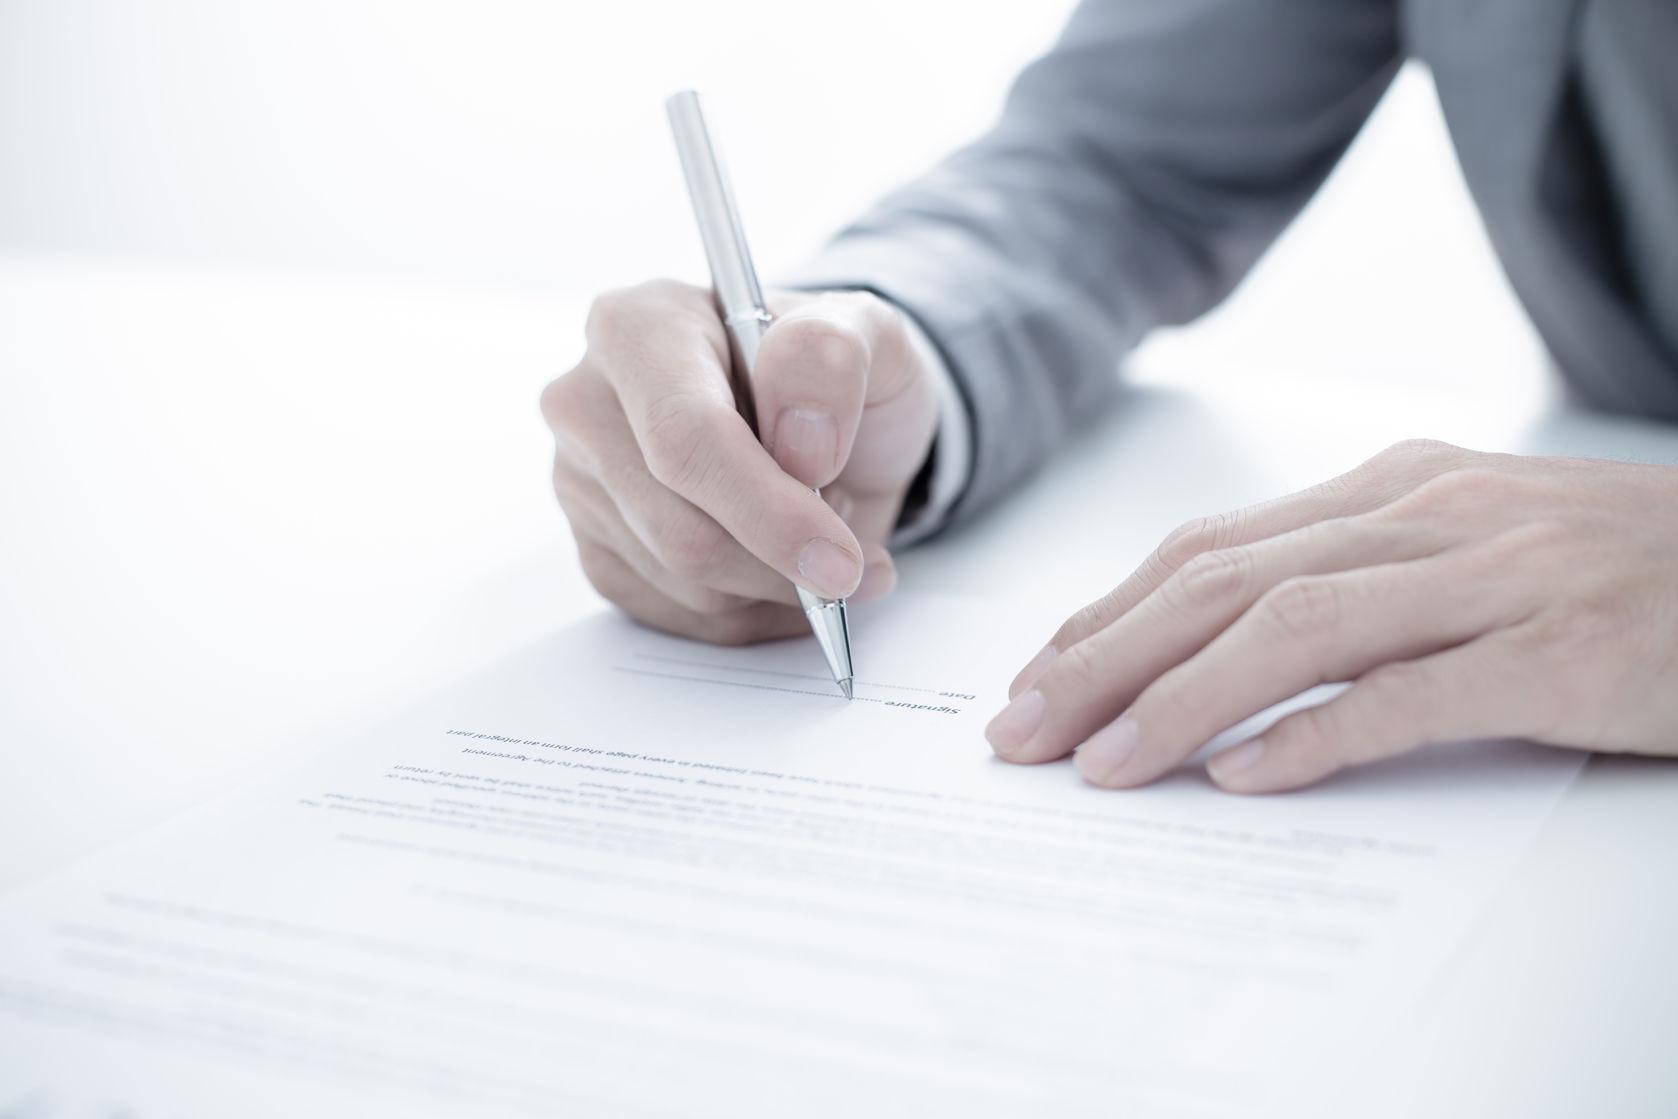 חובת גילוי בחוזה מכר